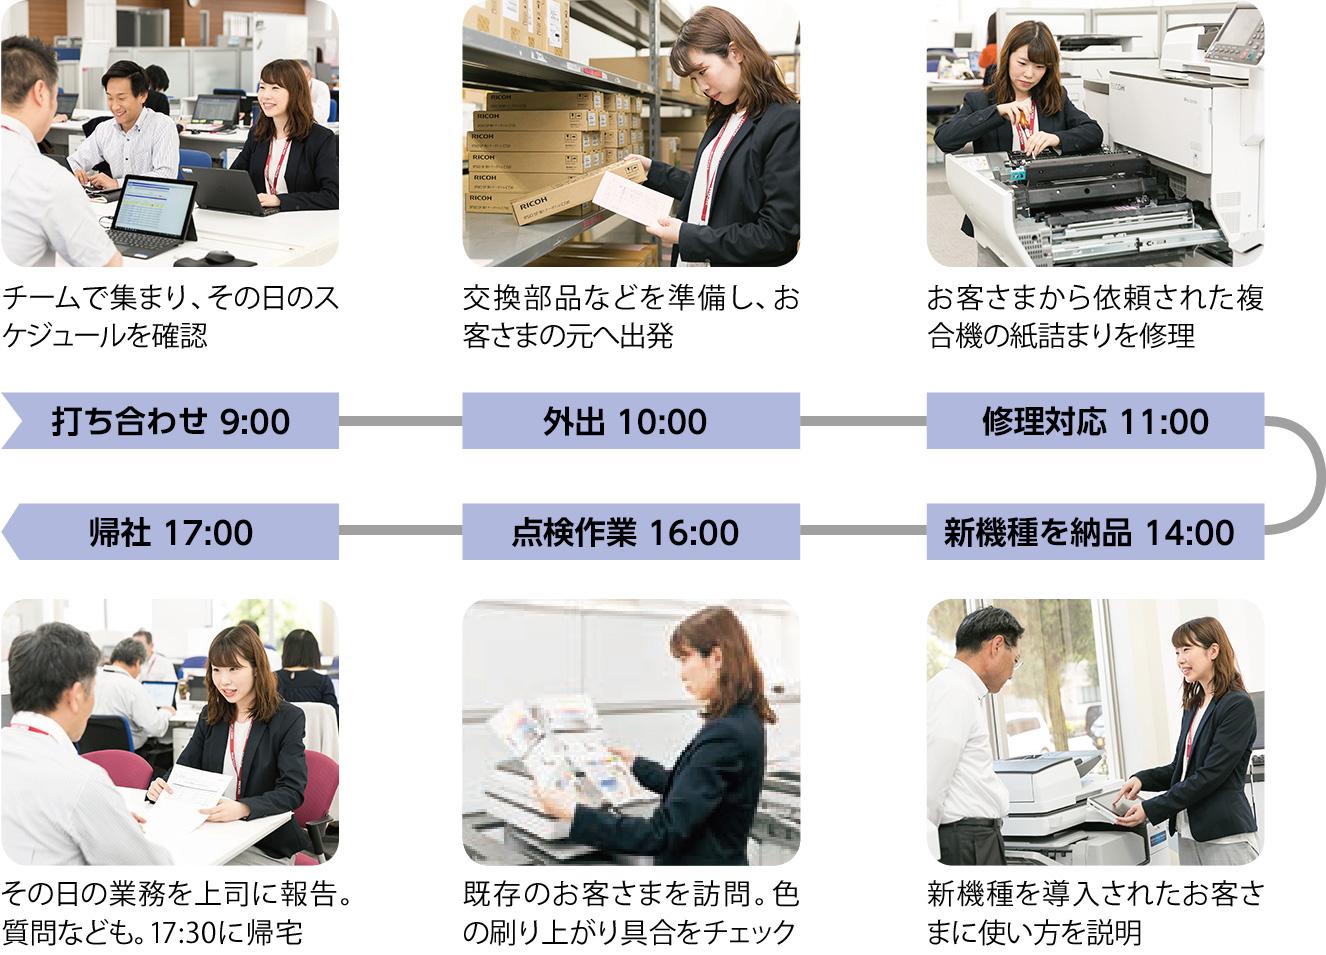 打ち合わせ 9:00:チームで集まり、その日のスケジュールを確認、外出 10:00:交換部品などを準備し、お客さまの元へ出発、修理対応 11:00:お客さまから依頼された複合機の紙詰まりを修理、新機種を納品 14:00:新機種を導入されたお客さまに使い方を説明、点検作業 16:00:既存のお客さまを訪問。色の刷り上がり具合をチェック、帰社 17:00:その日の業務を上司に報告。質問なども。その後帰宅